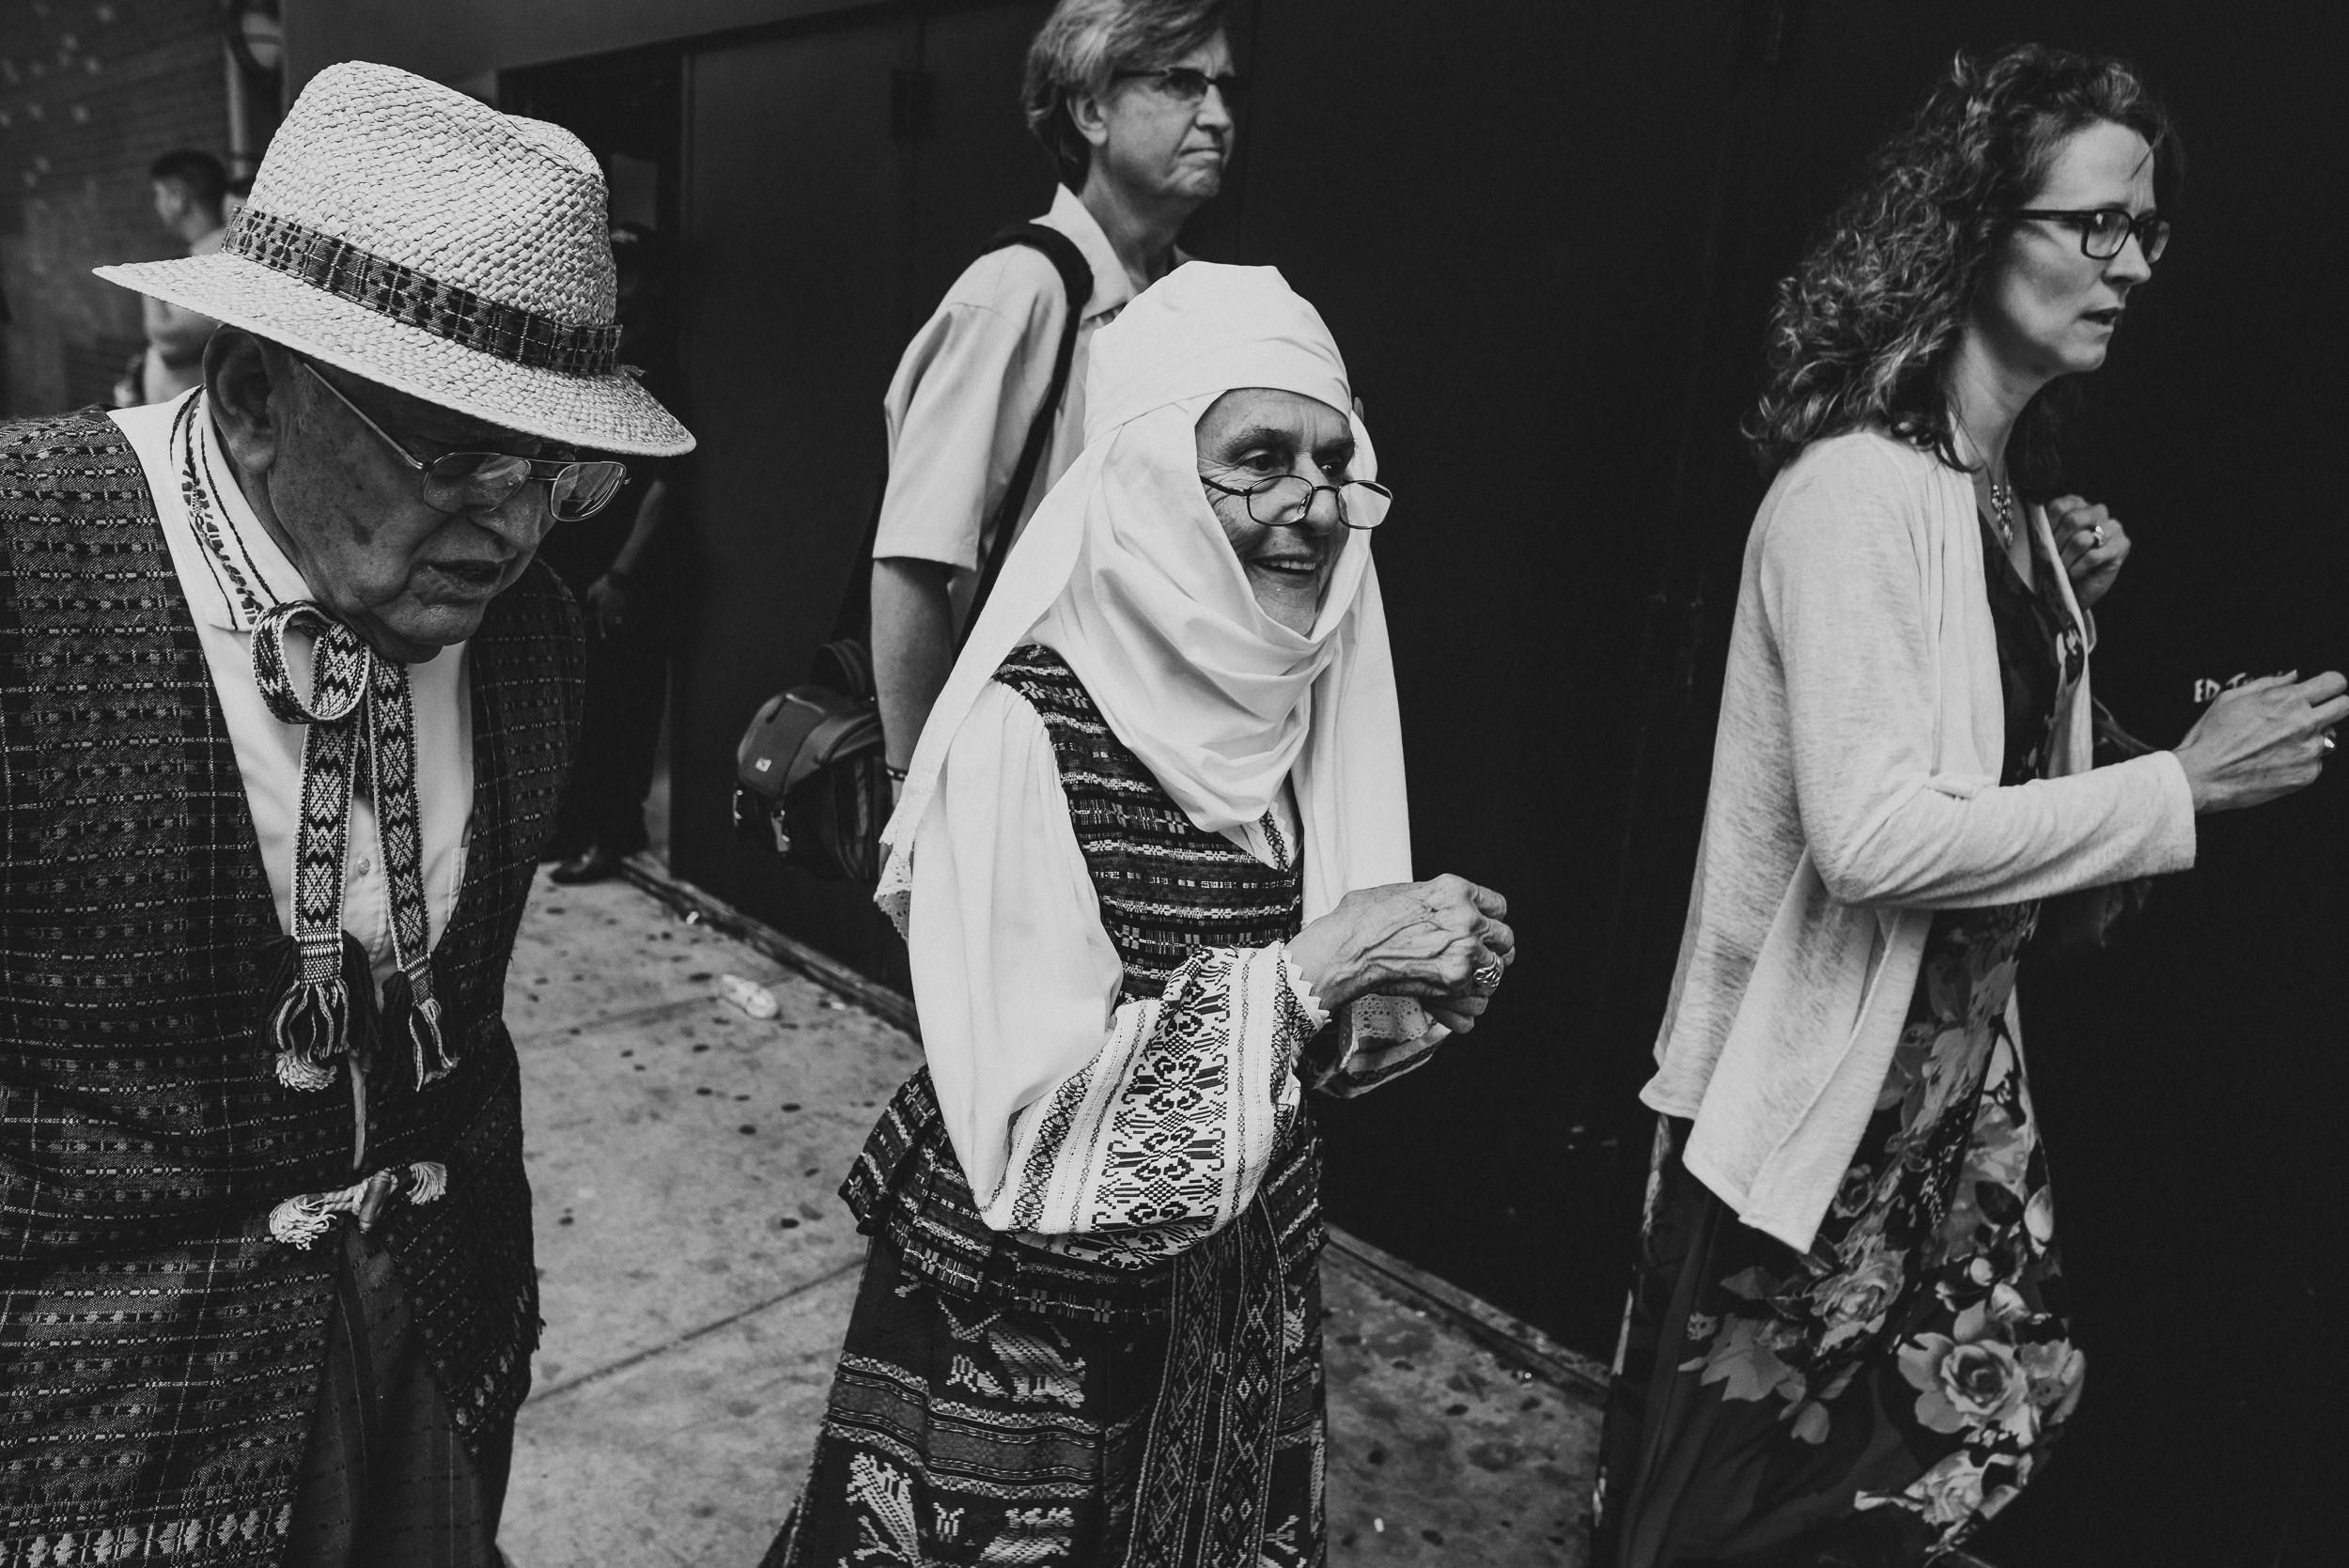 Sokiu Svente 2016 Photographer Mantas Kubilinskas-64.jpg